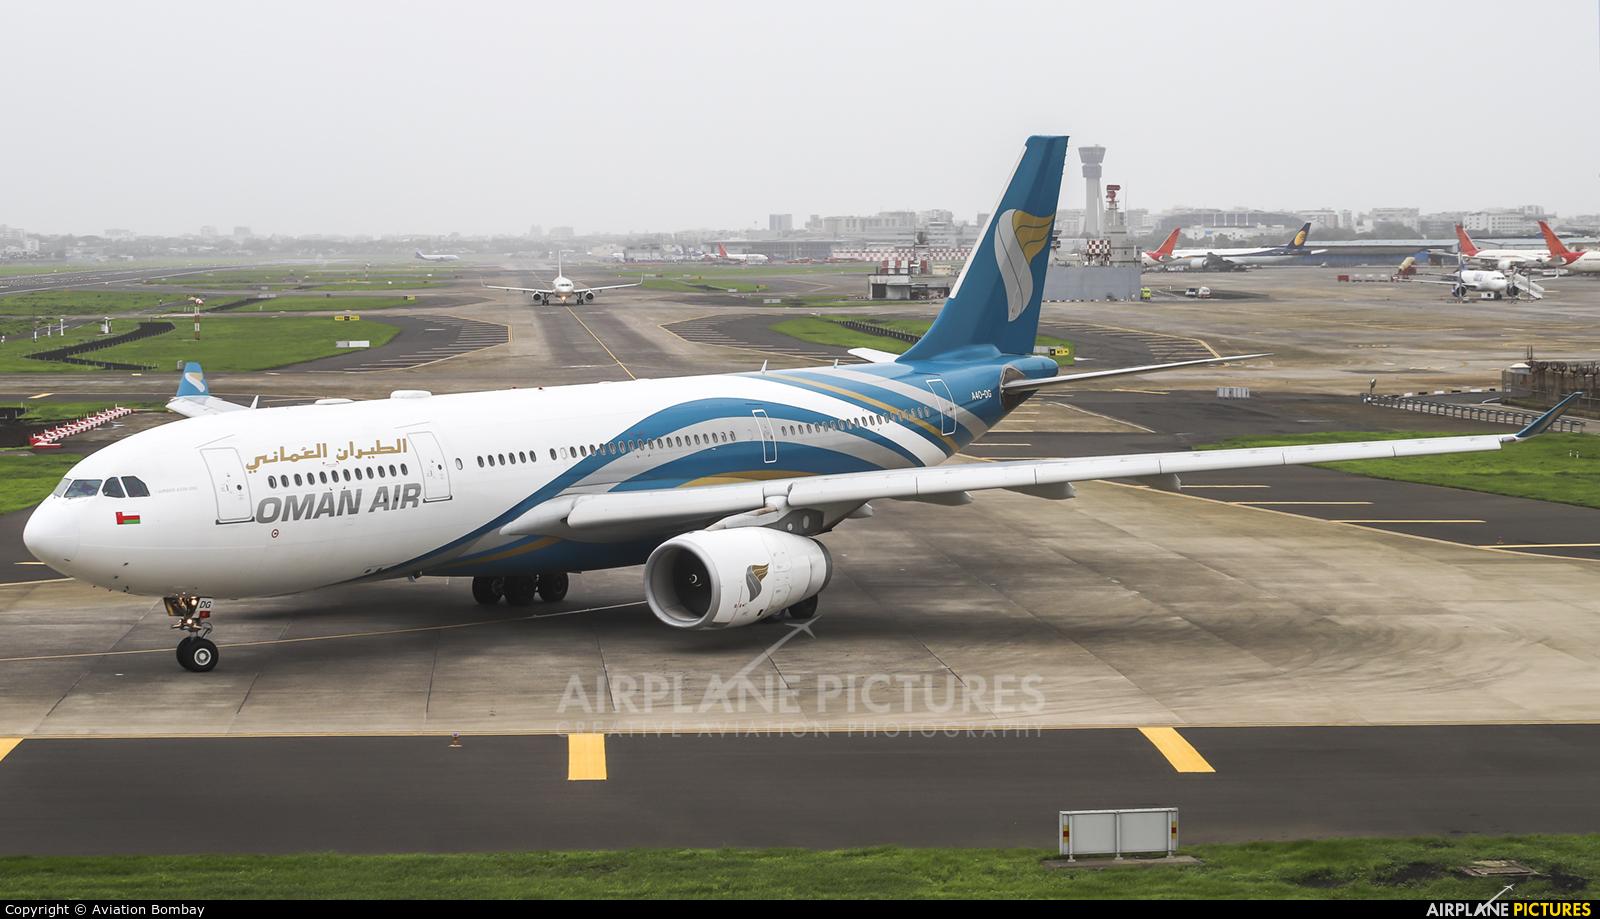 Oman Air A4O-DG aircraft at Mumbai - Chhatrapati Shivaji Intl